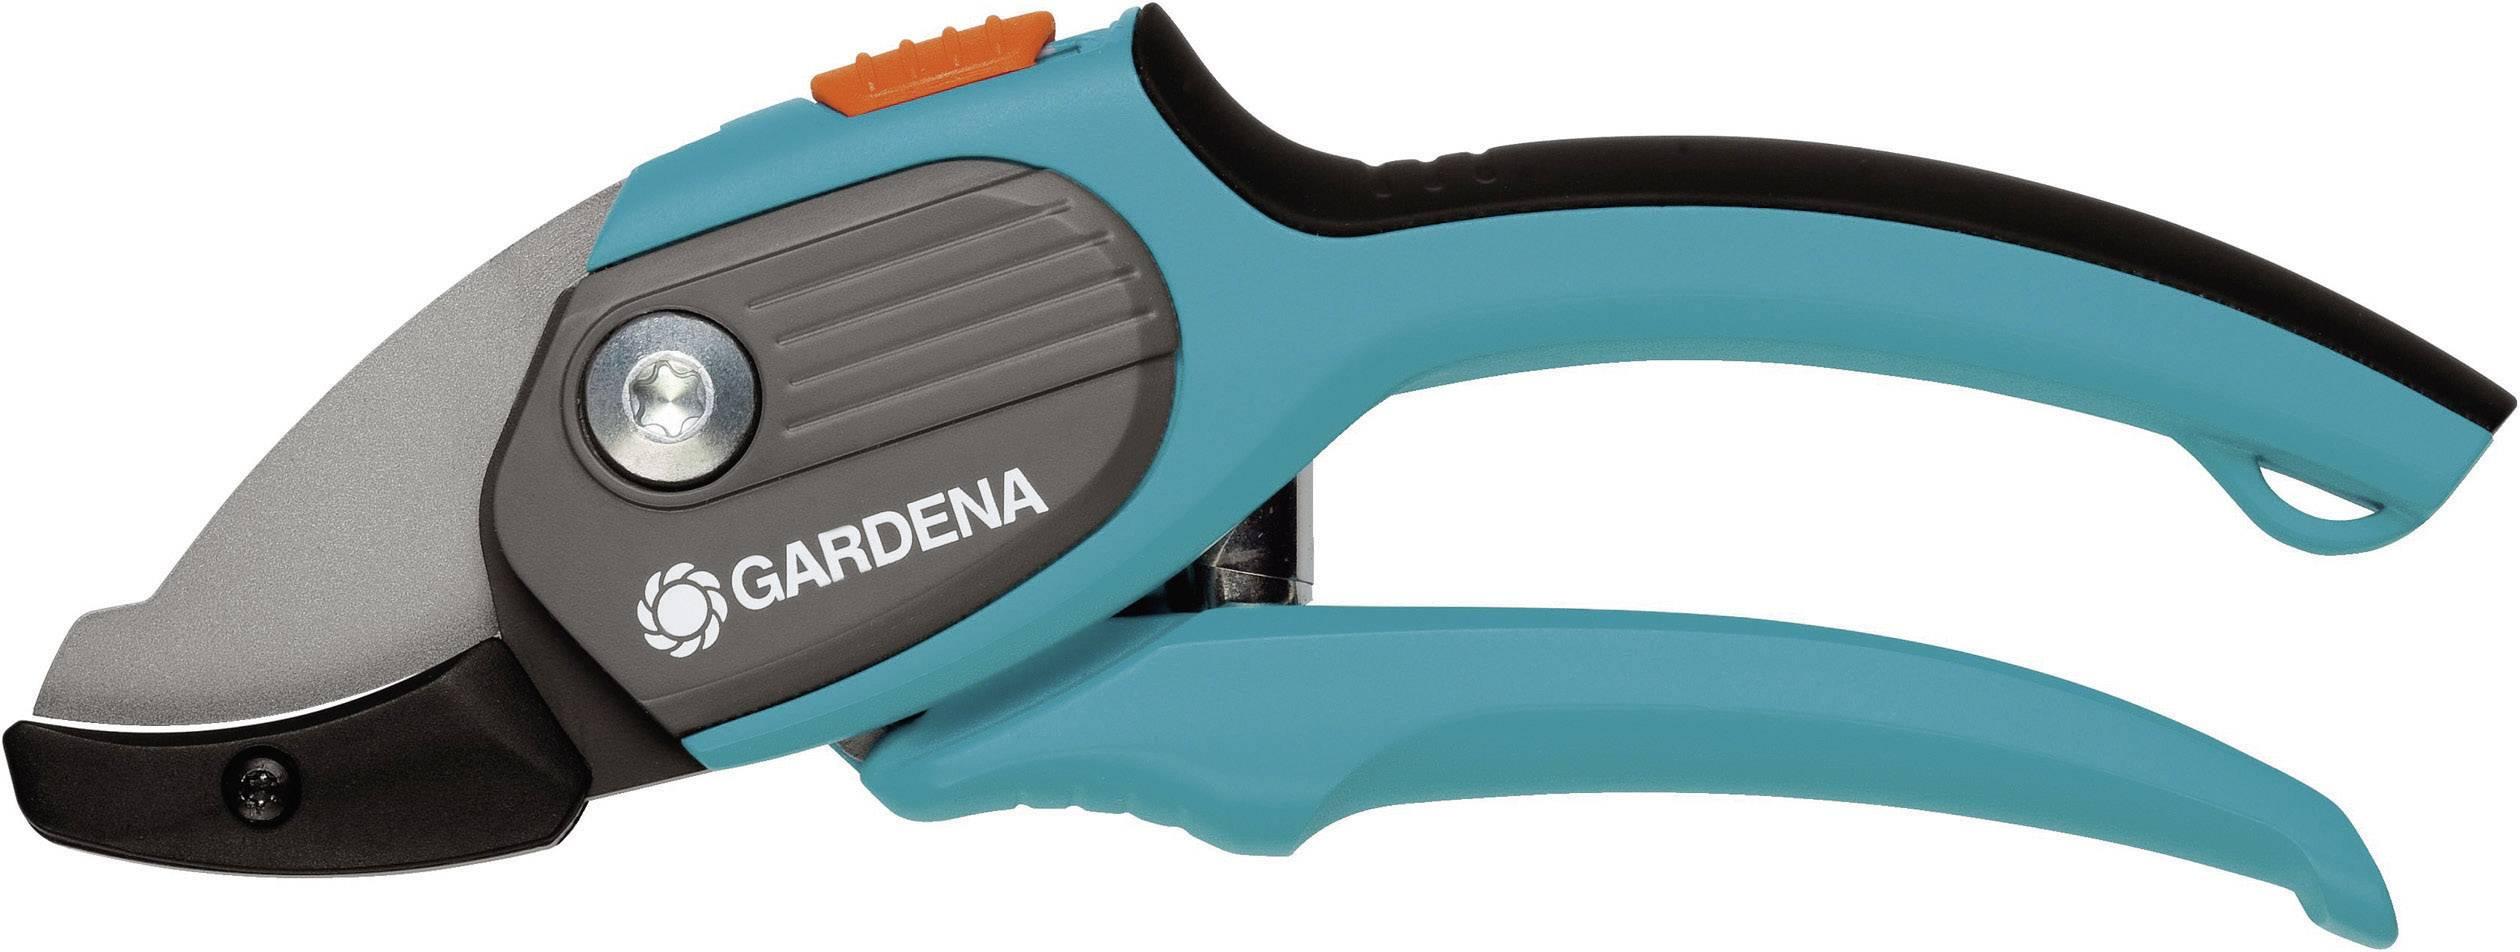 Zahradní nůžky Gardena 8787-20